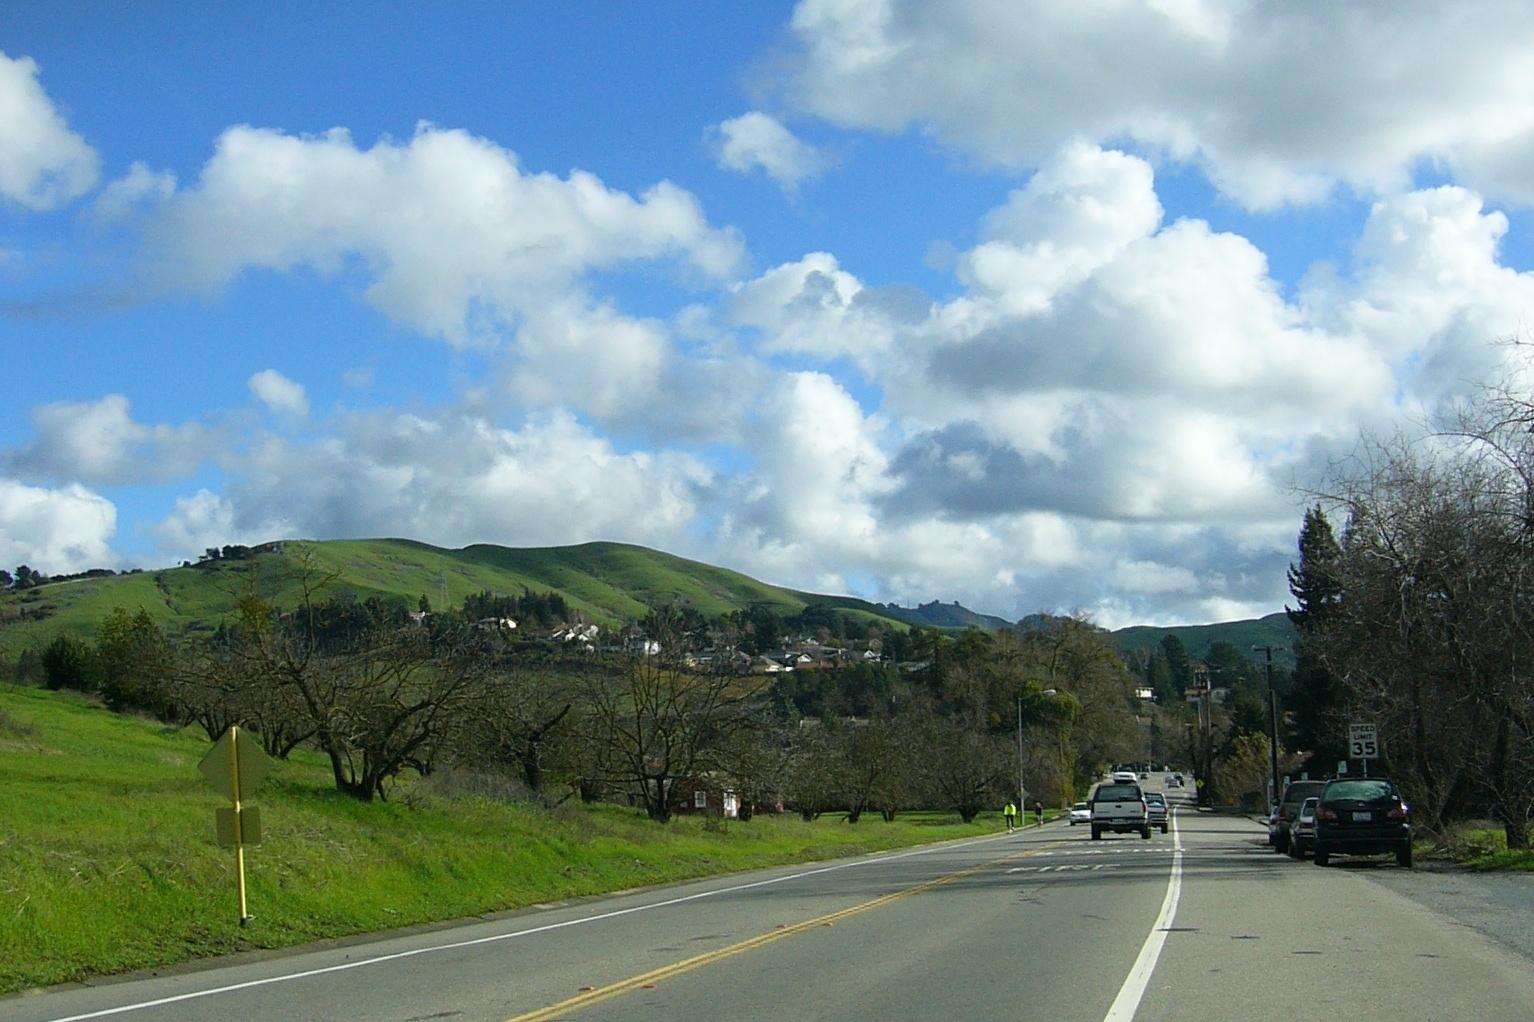 Home_security_Systems_Moraga_Contra_costa_County_California